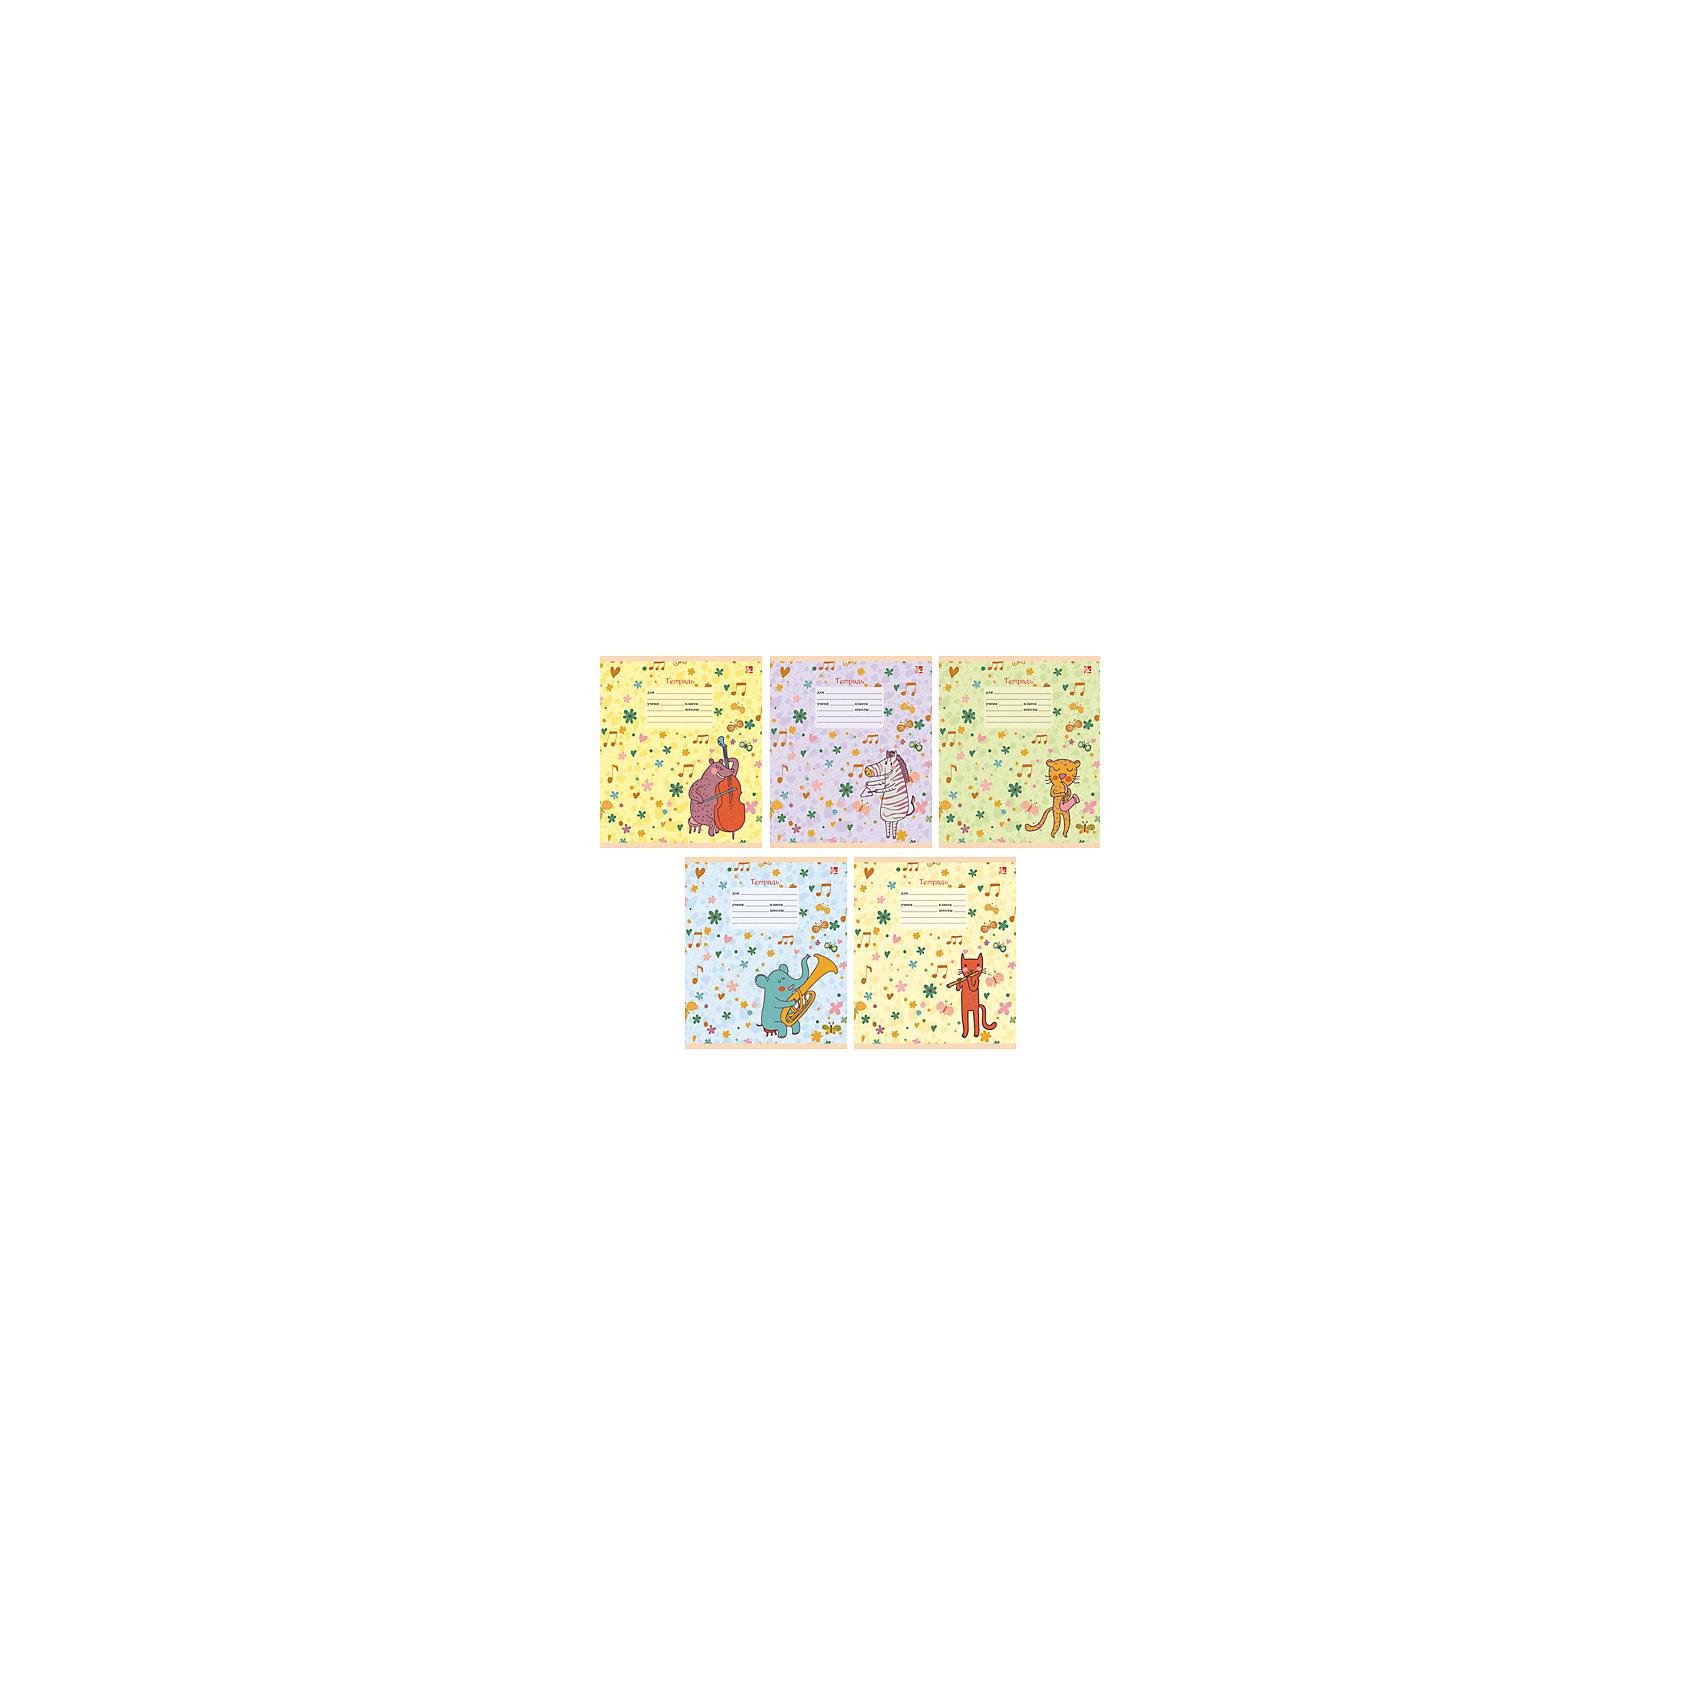 Тетрадь в клетку Звери-музыканты, 12 л, 5 штЗвери-музыканты - замечательный набор тетрадей в клетку. В каждой тетради 12 листов, обложки с разным оформлением с изображением милых зверюшек, играющих на музыкальных инструментах. С такими тетрадками ребенок будет ходить в школу с удовольствием!<br><br>Дополнительная информация:<br>Обложка: мелованный картон, выборочный лак, блестки<br>Количество листов: 12<br>Количество тетрадей: 5<br>Скрепление: скрепка<br>Бумага: офсет, плотностью 60 г/м2<br>Тетради в клетку Звери-музыканты можно купить в нашем интернет-магазине.<br><br>Ширина мм: 210<br>Глубина мм: 148<br>Высота мм: 3<br>Вес г: 39<br>Возраст от месяцев: 72<br>Возраст до месяцев: 2147483647<br>Пол: Унисекс<br>Возраст: Детский<br>SKU: 4942490